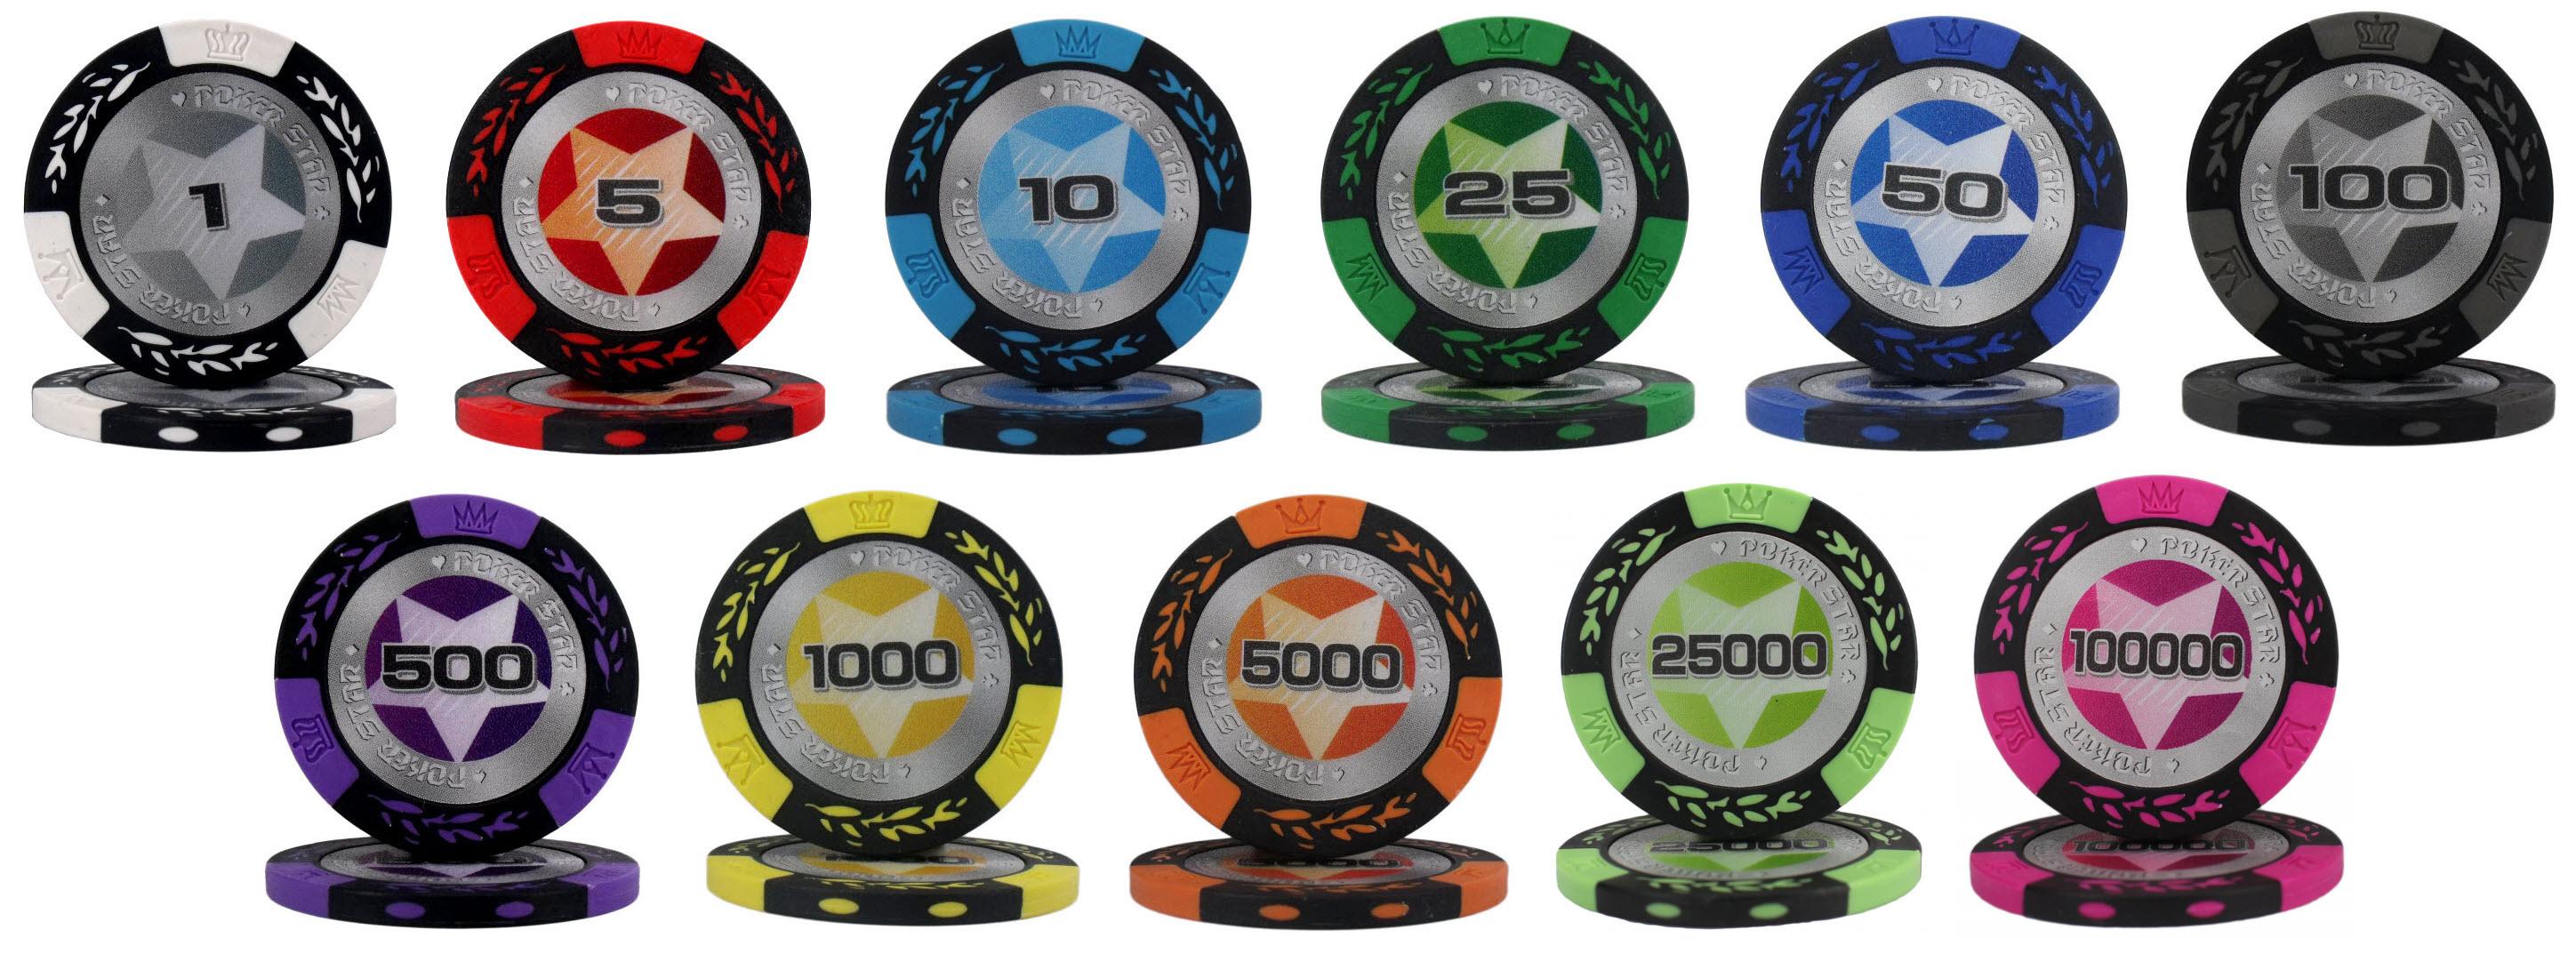 Фішки Poker Star повний набір